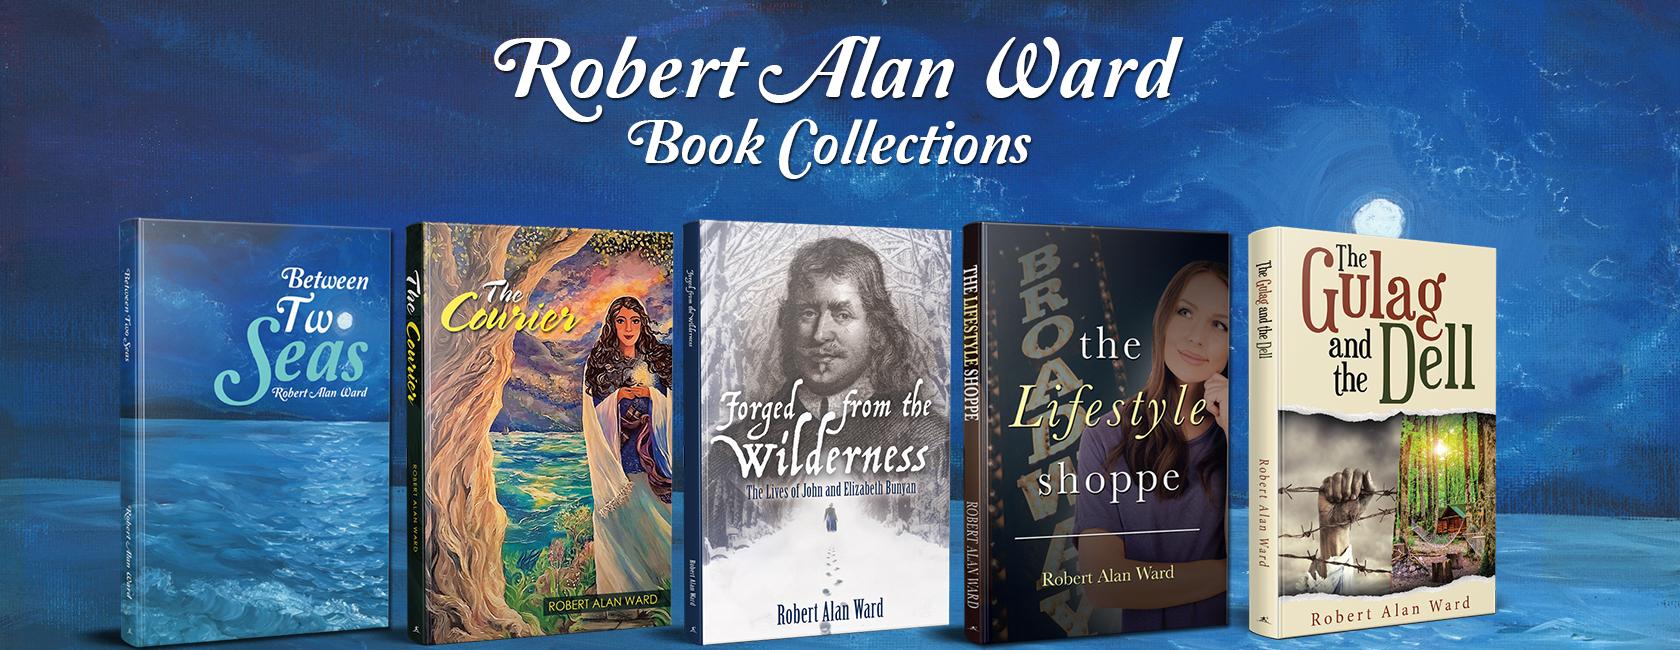 Robert Alan Ward Book Collections